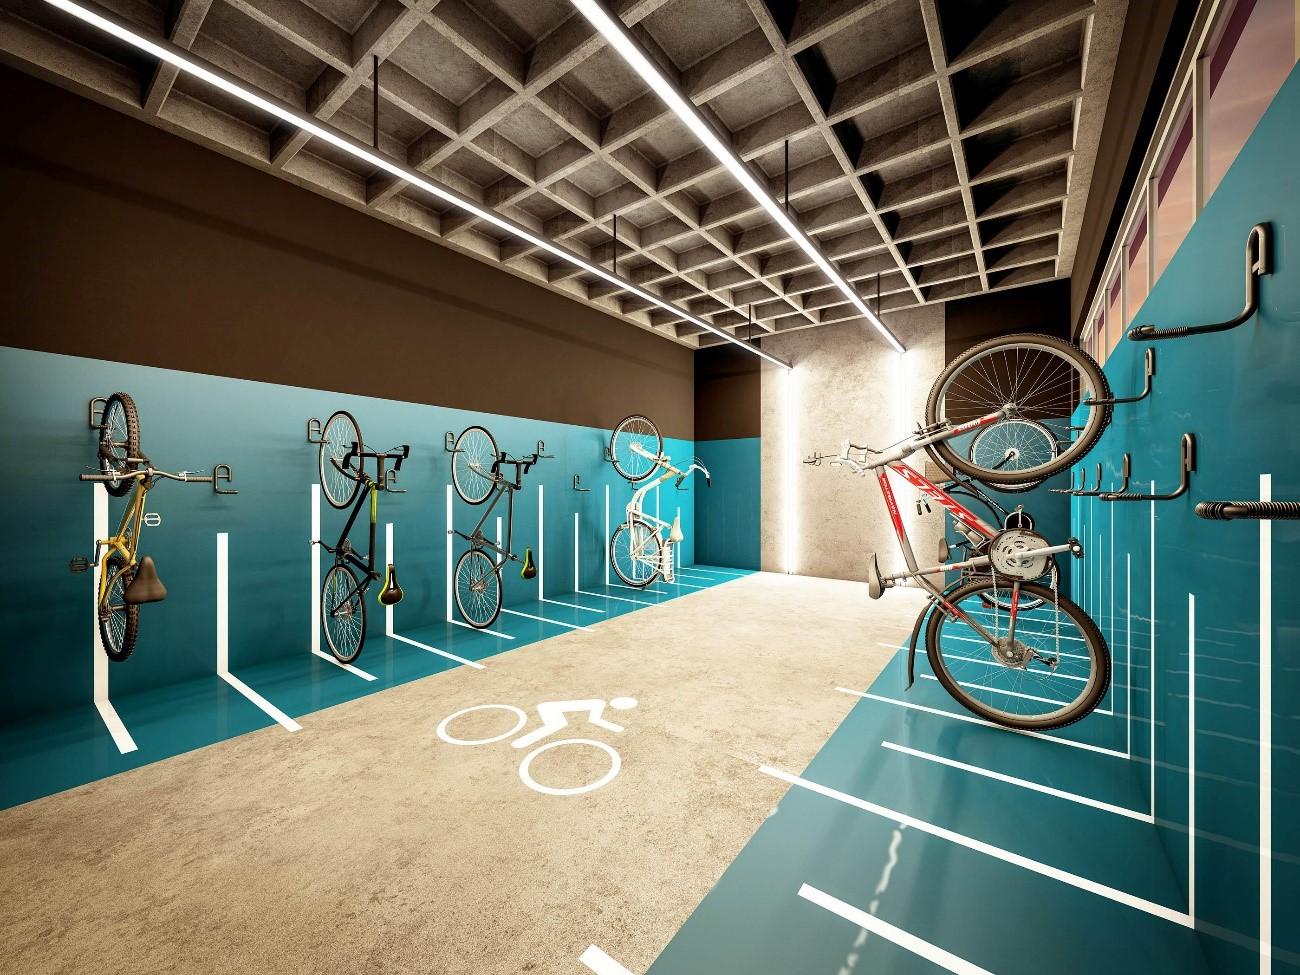 bicicleta compartilhada - equipamentos compartilhados